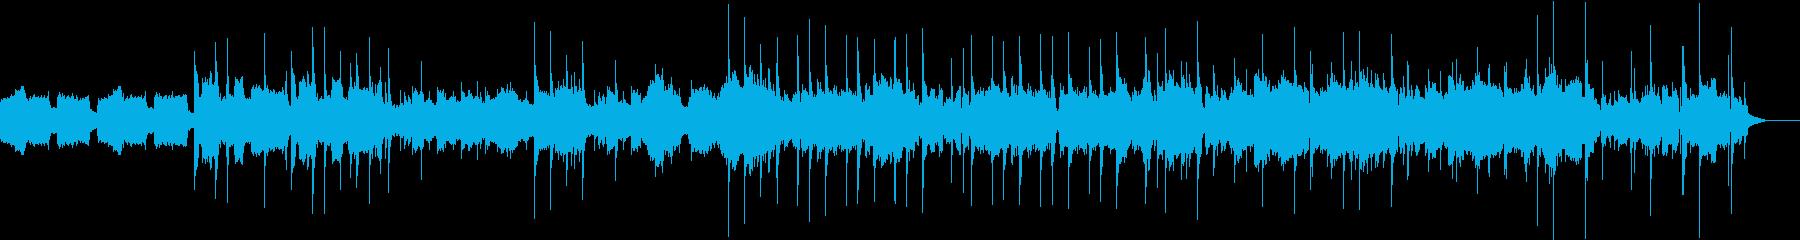 ジャズっぽいゆったりめな曲の再生済みの波形